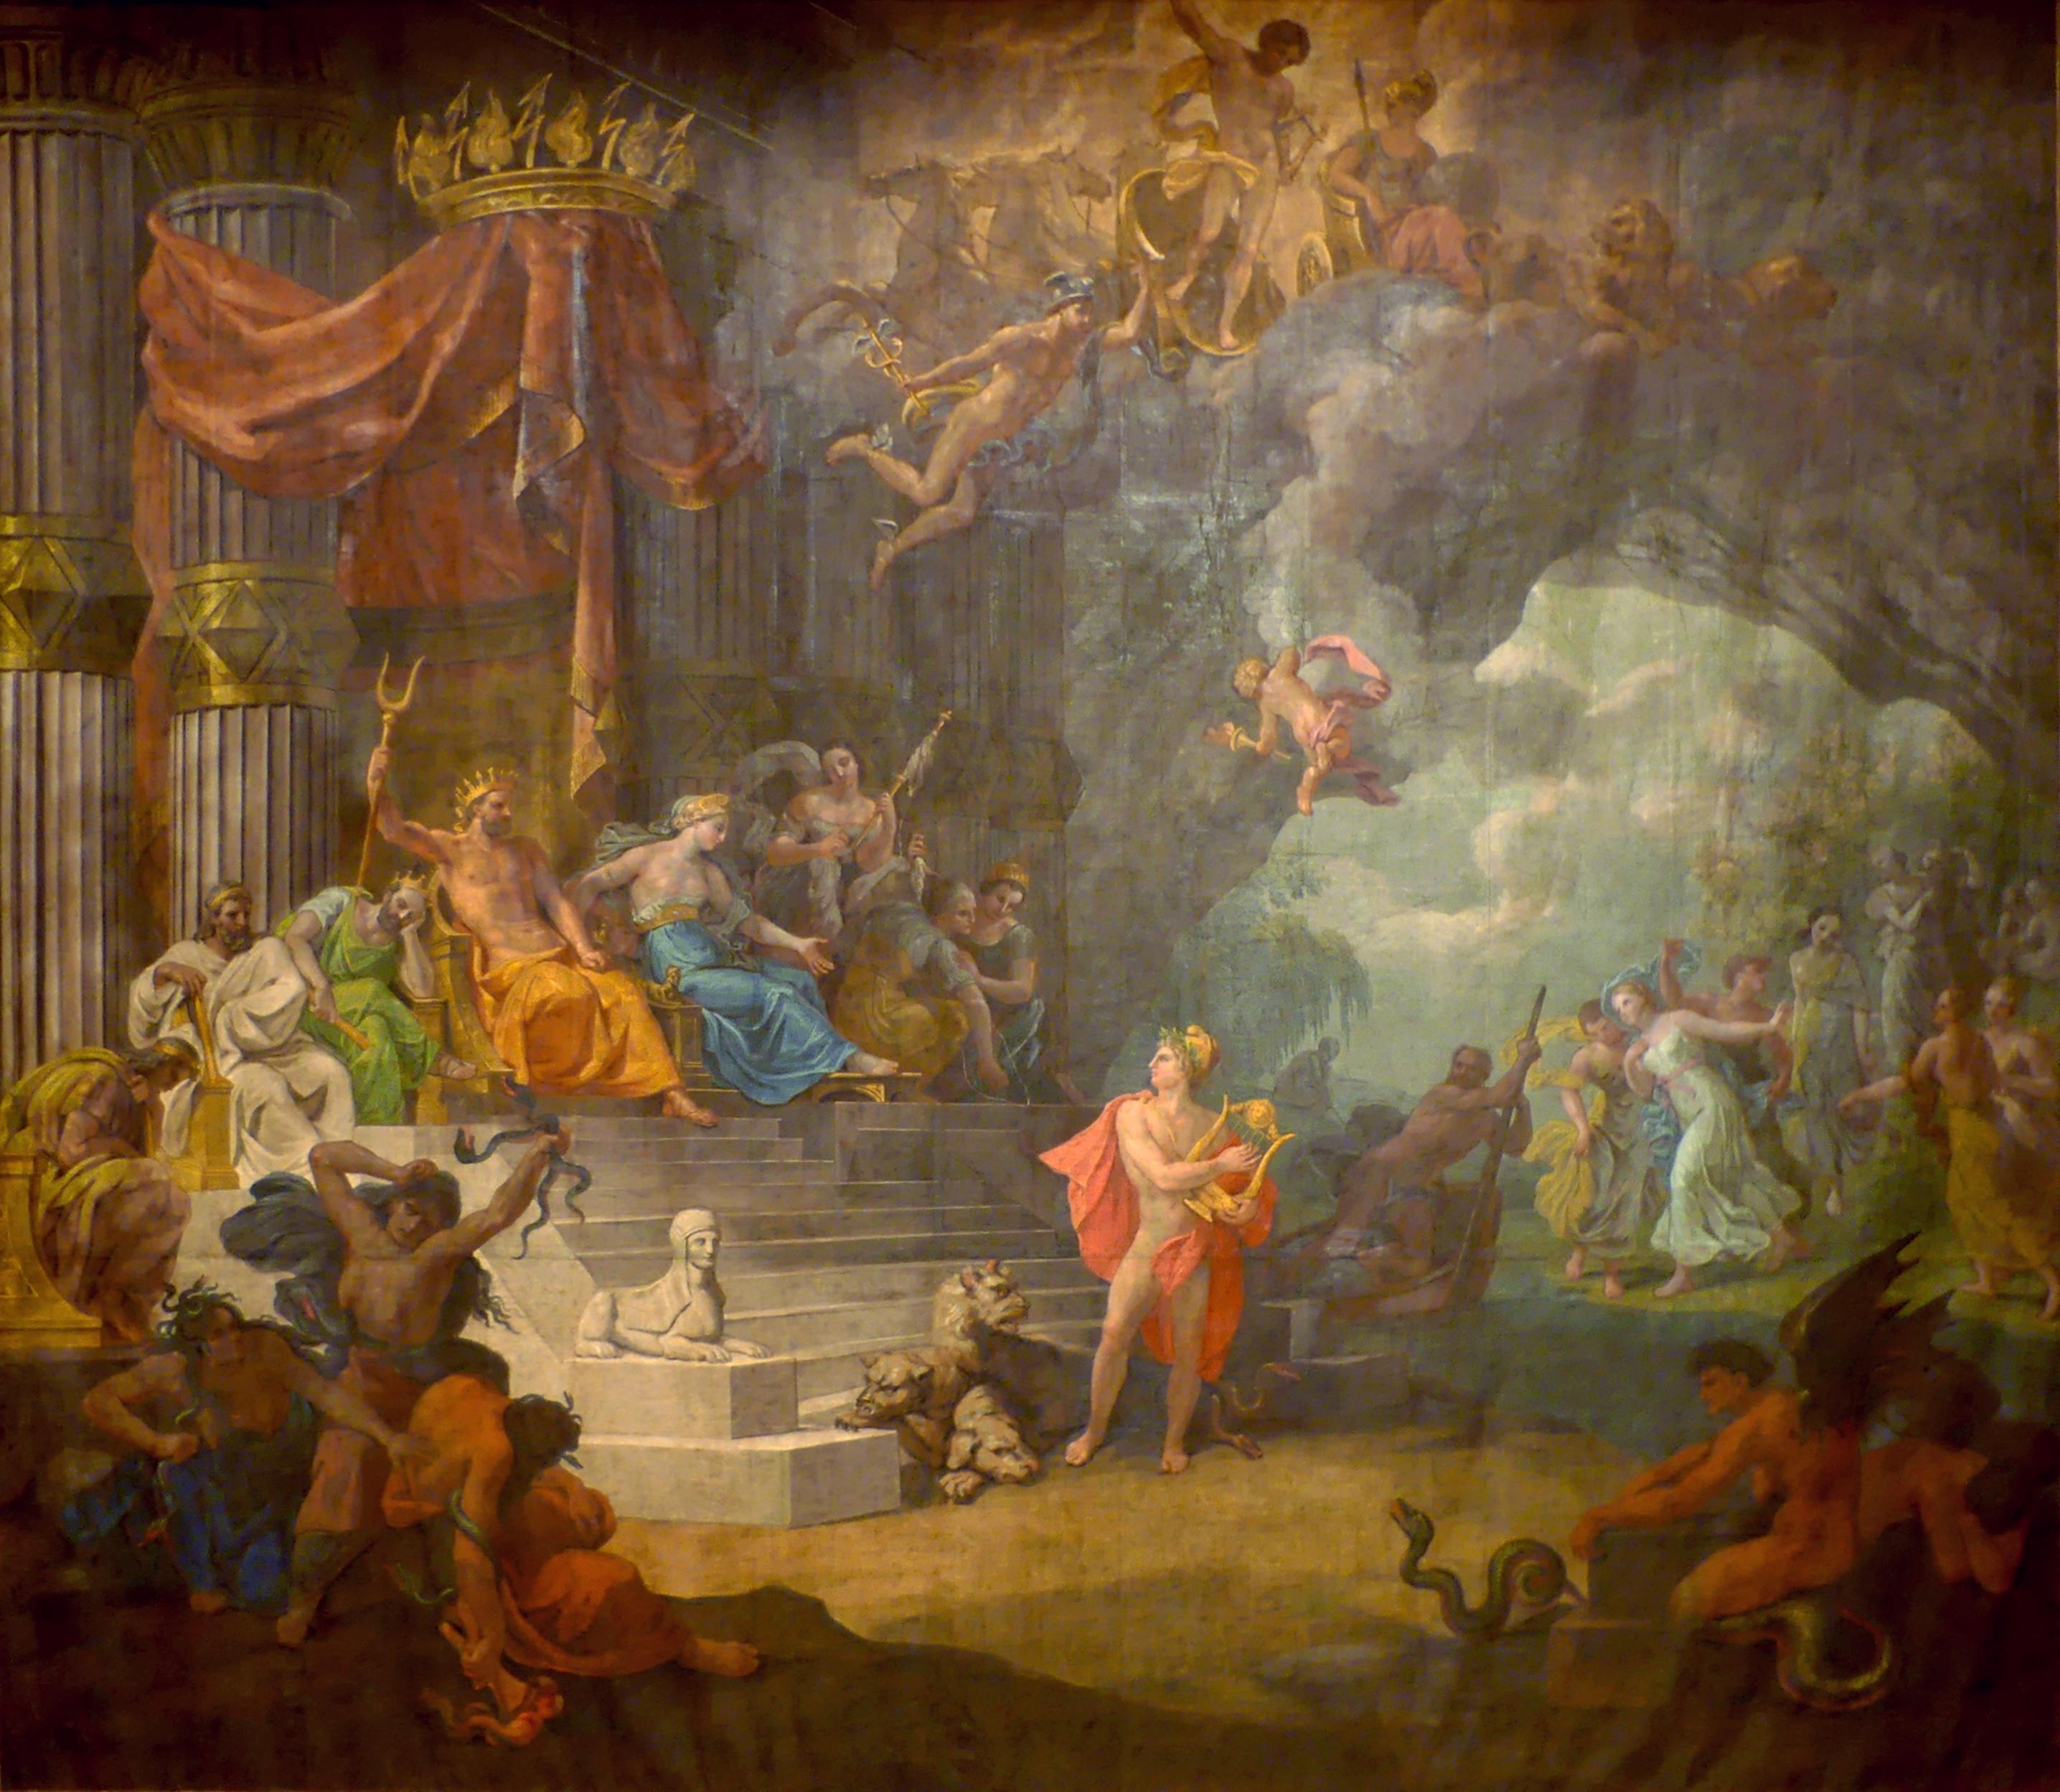 Création De Rideaux Originaux file:rideau de scène restautré du théâtre de chambéry (2018